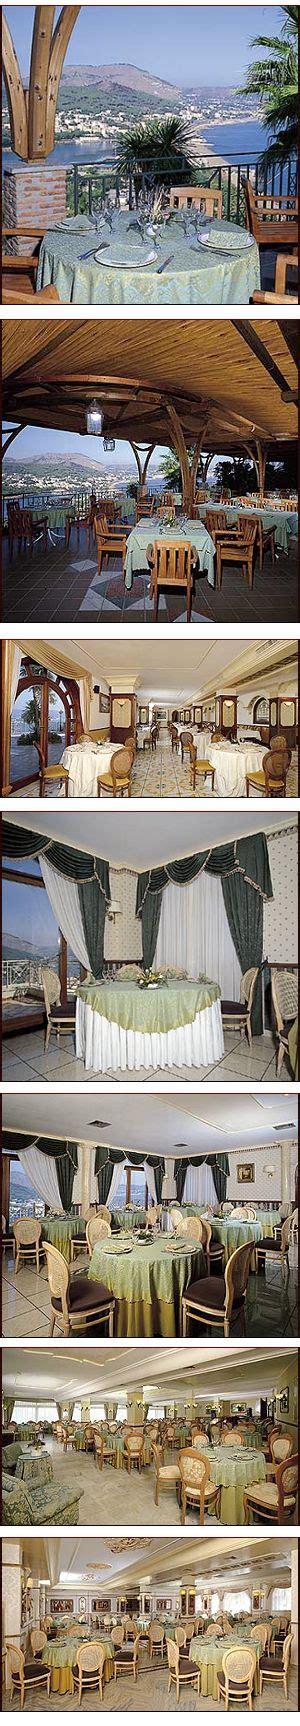 Ristorante Il Gabbiano Pozzuoli Hotel Ristorante Il Gabbiano Bacoli Prenota Hotel A Bacoli